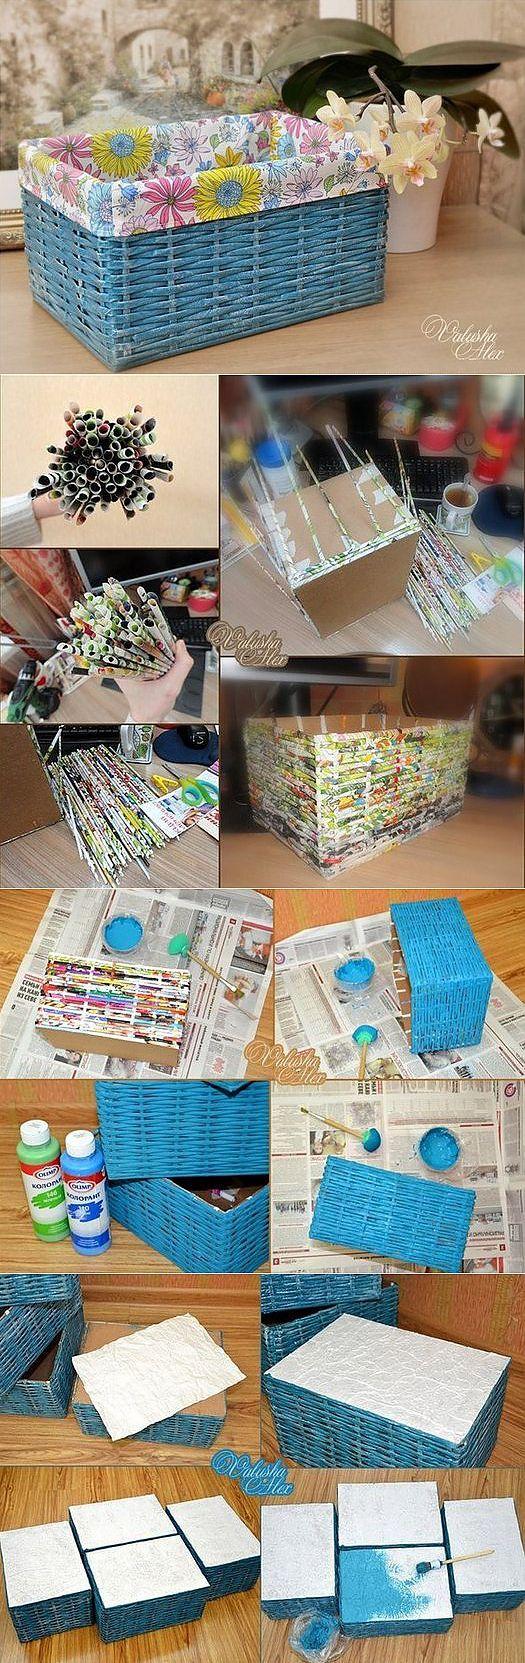 Cesta jornal e papelão                                                                                                                                                                                 Mais